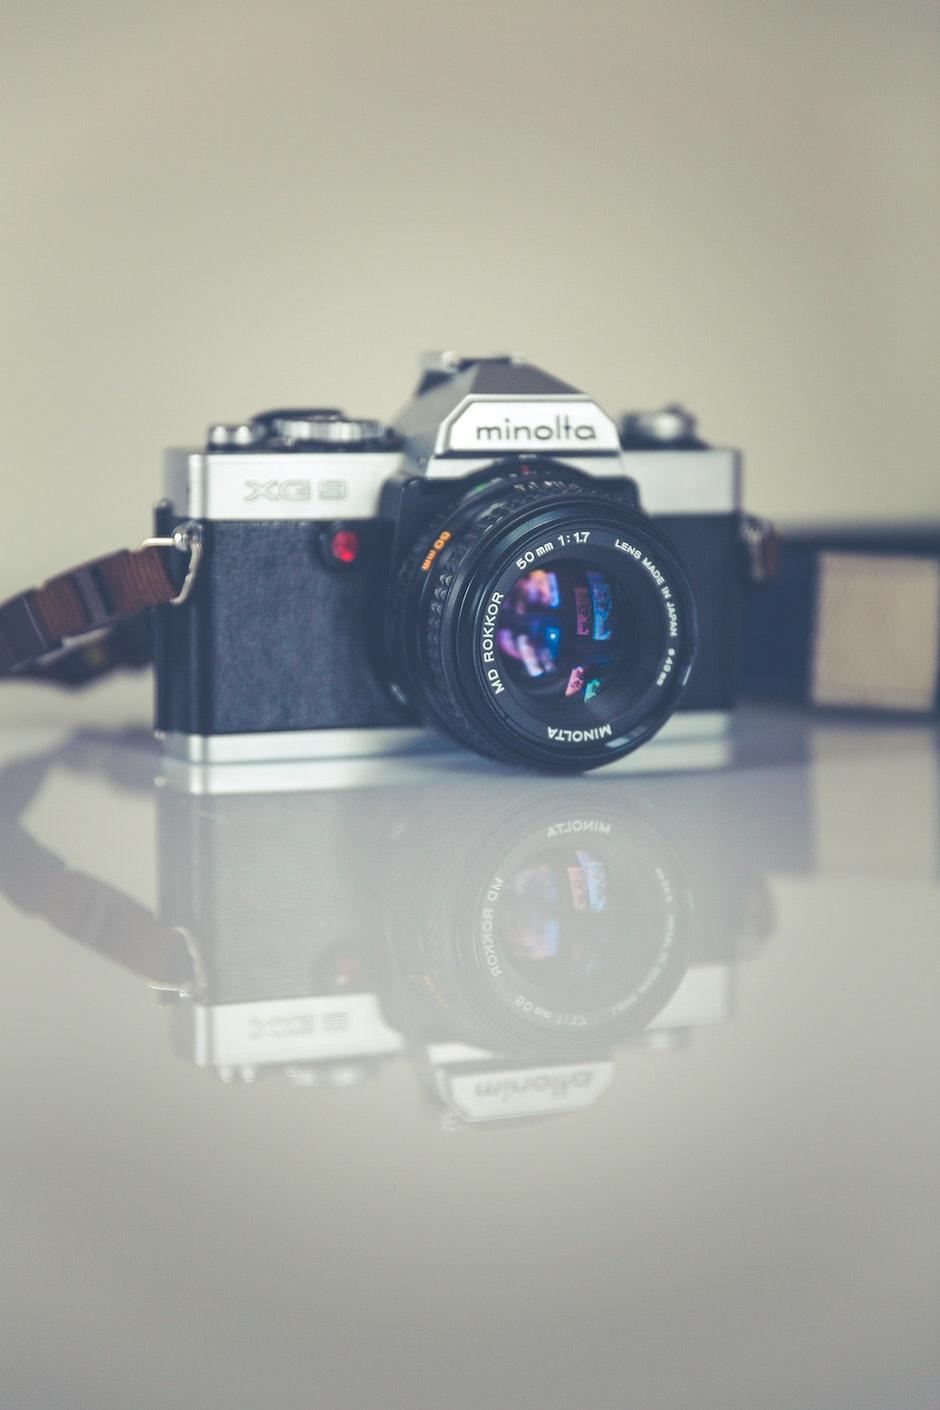 Silver Minolta Dslr Camera